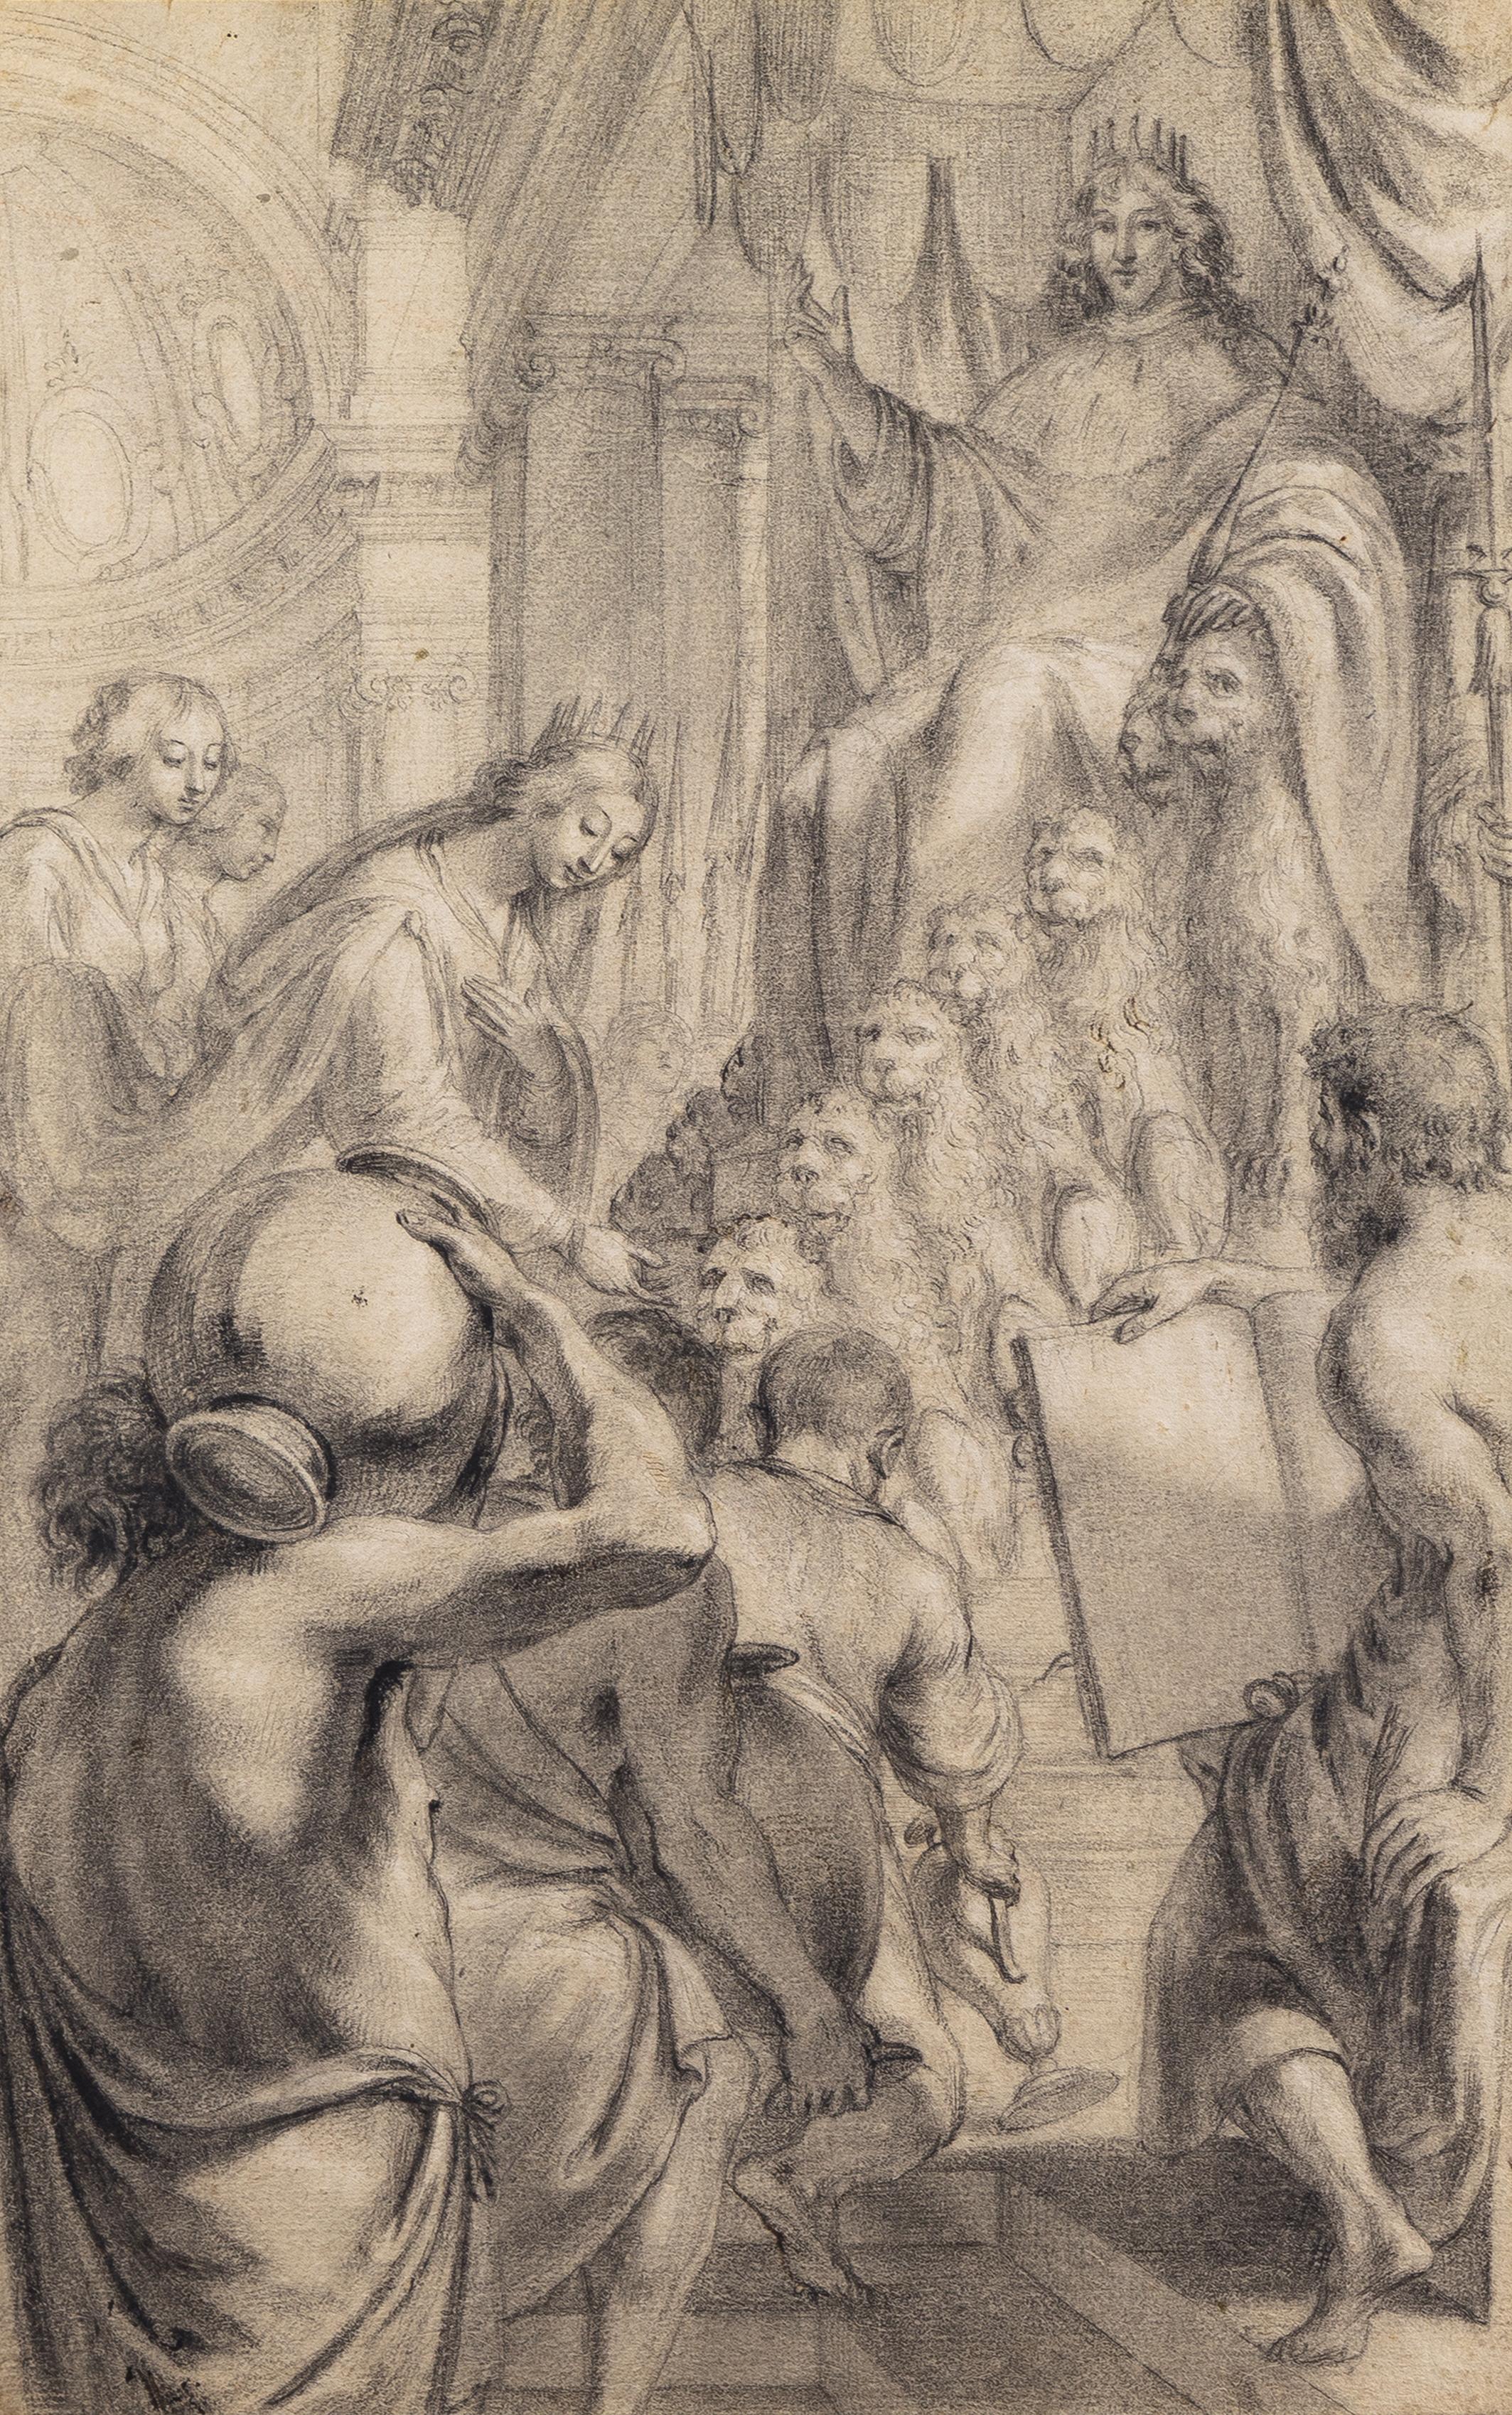 Le roi Salomon et la reine Sheba